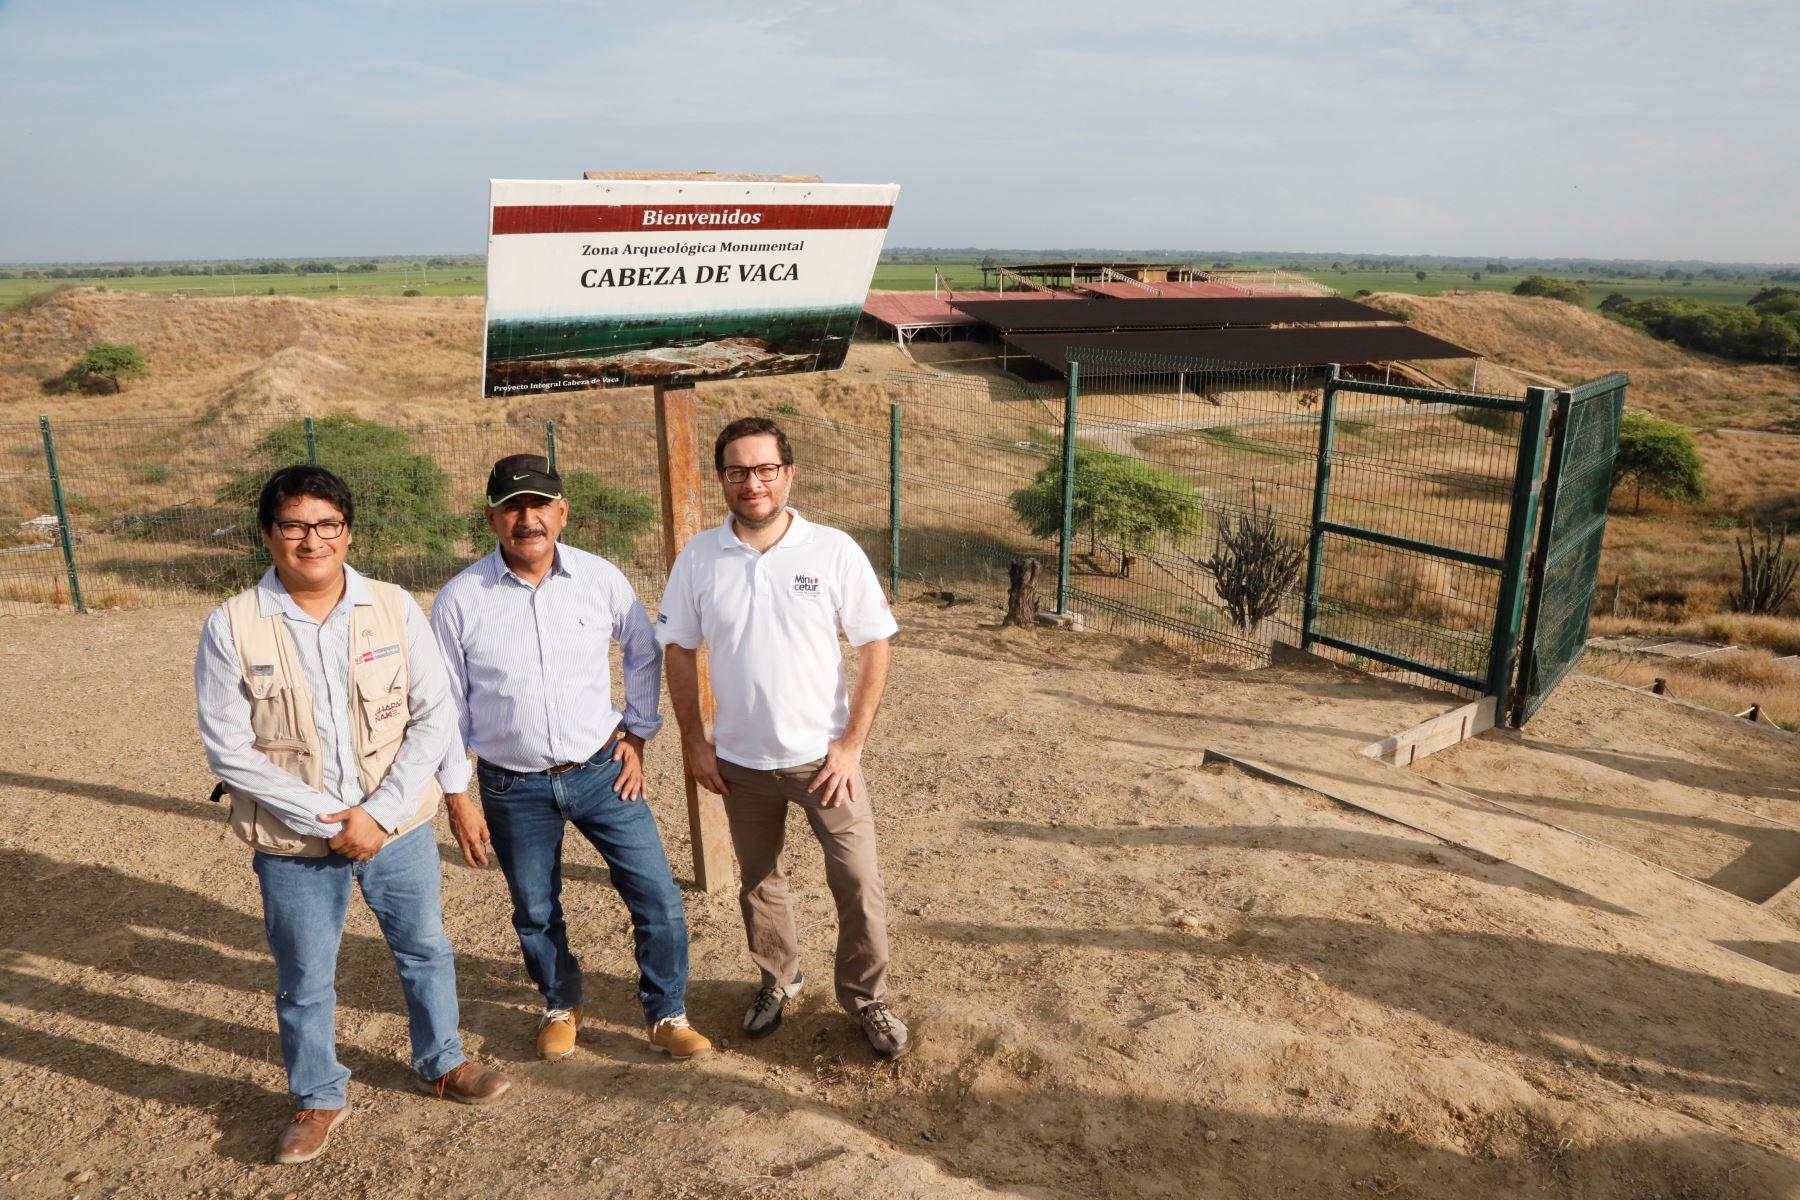 Mincetur resalta el potencial turístico de sitio arqueológico Cabeza de Vaca ubicado en Tumbes. ANDINA/Difusión